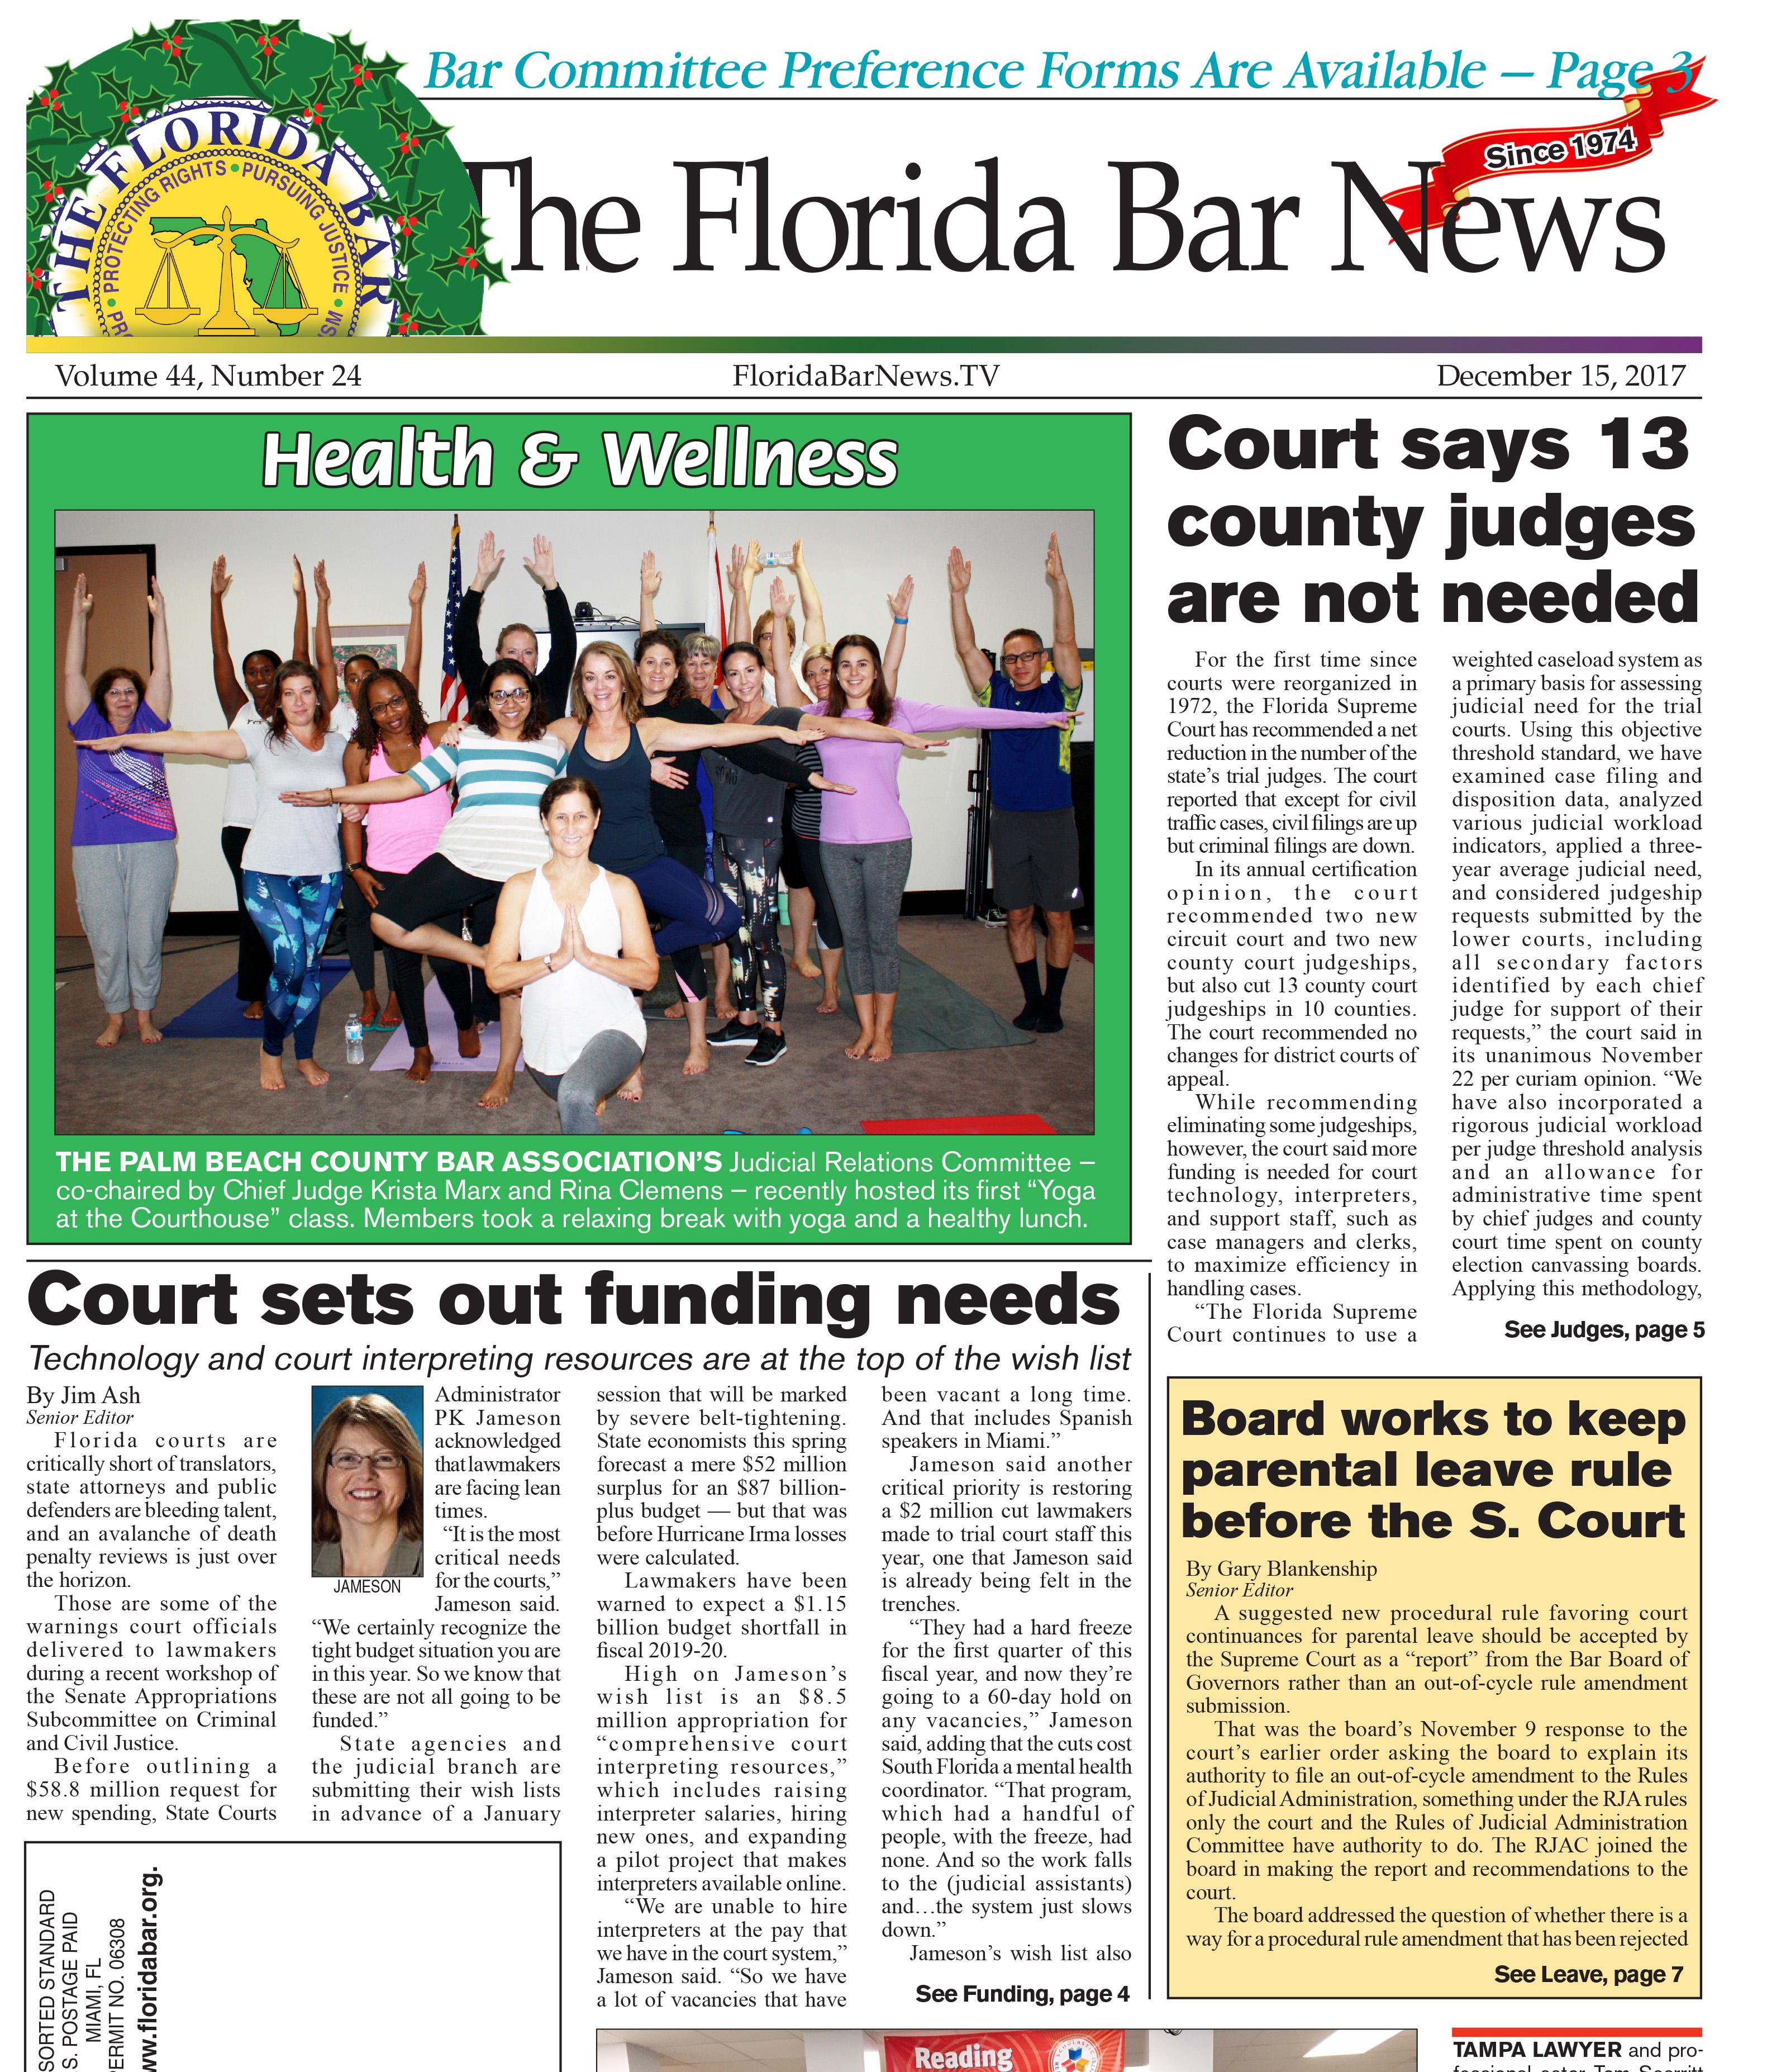 Bar News Cover Dec. 15, 2017